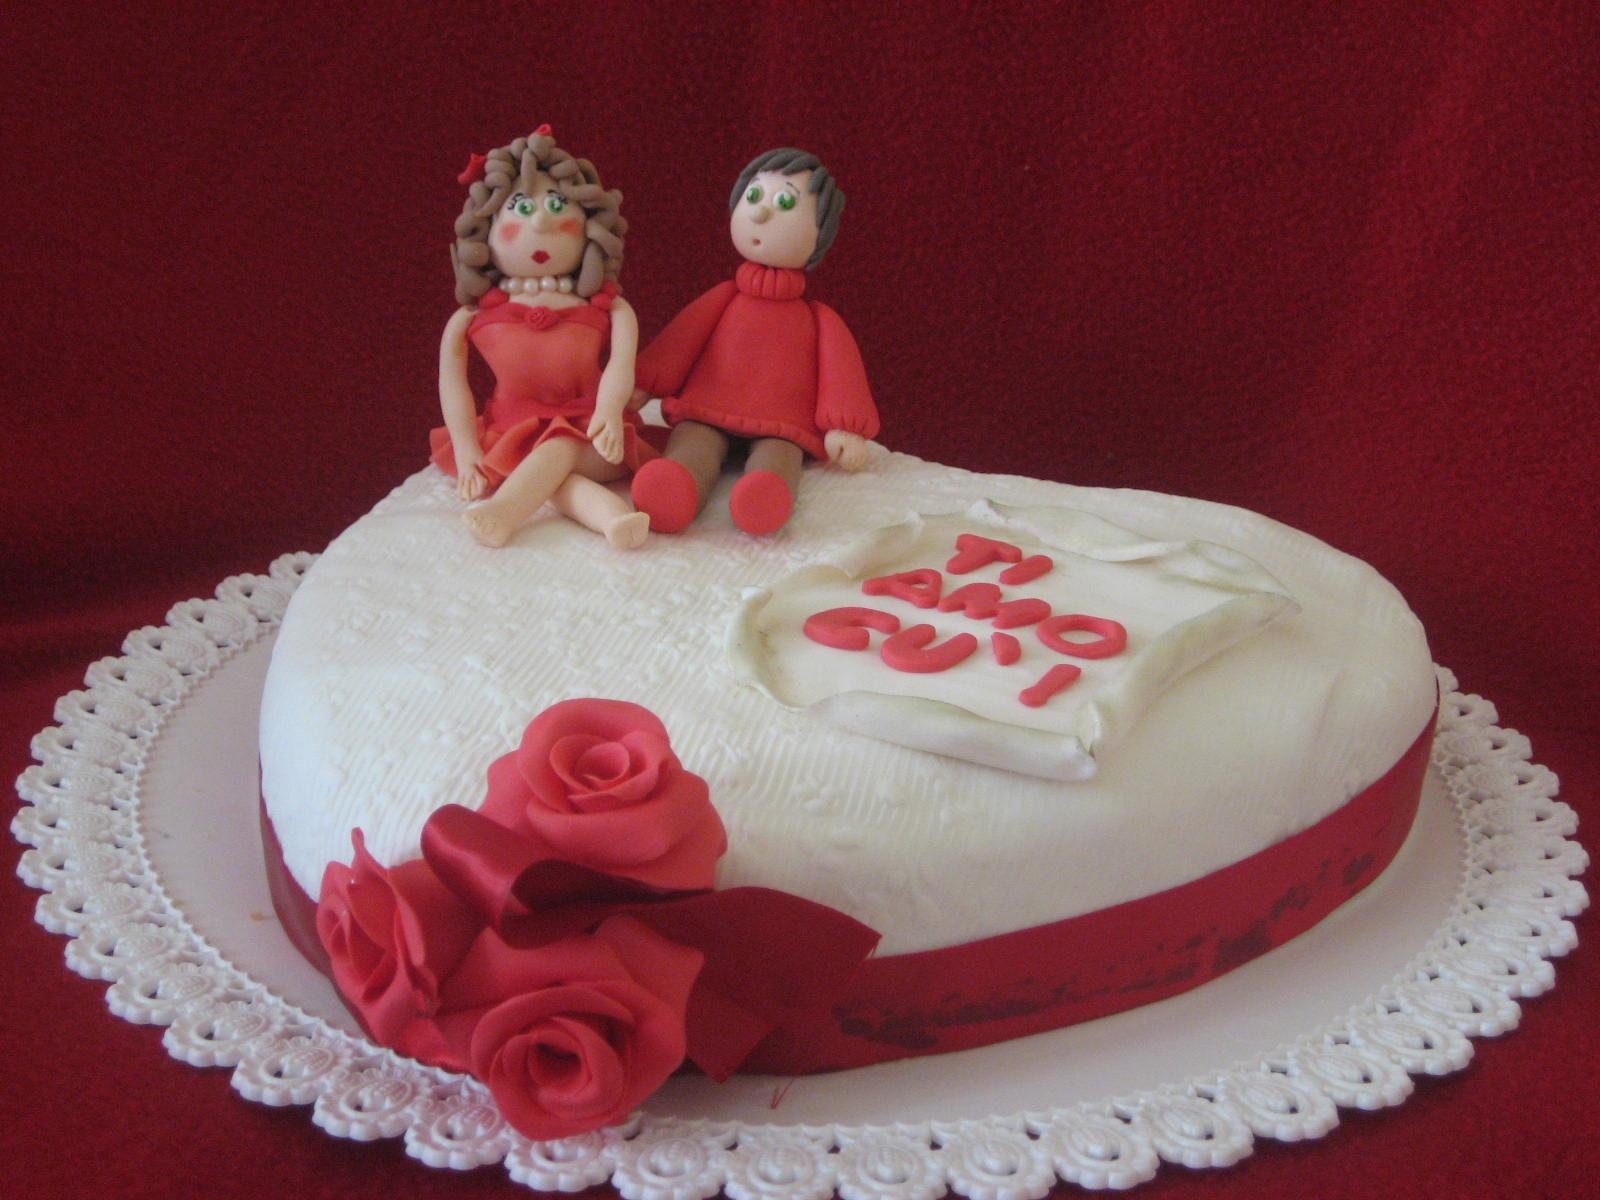 Auguri Anniversario Matrimonio Marito : L angelo delle torte di cristina genovese torta due